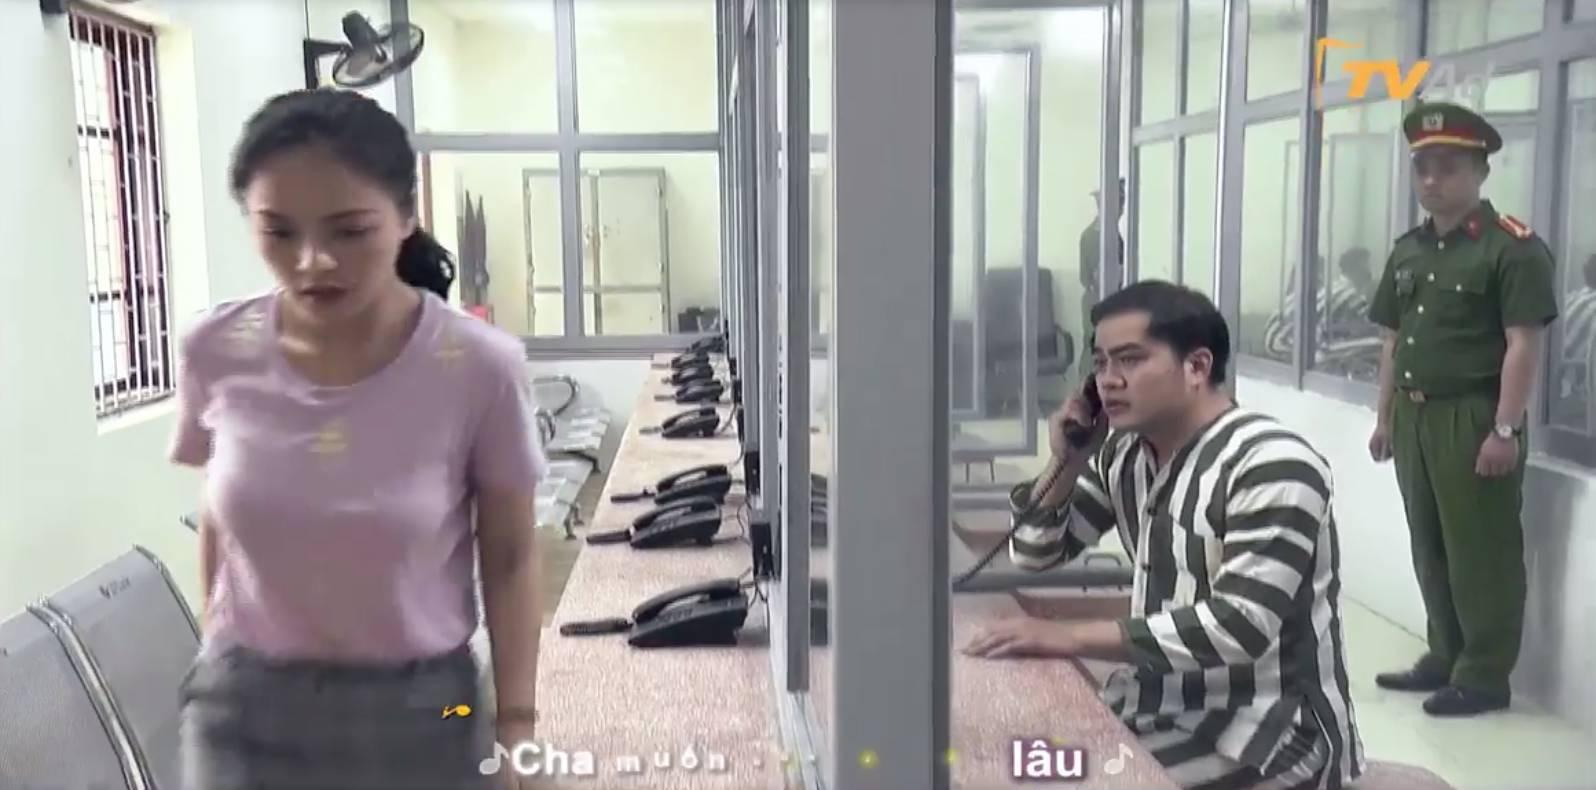 Hot: Hé lộ cảnh Khải Về nhà đi con đi tù, Huệ đến thăm nhưng vẫn phũ phàng-2